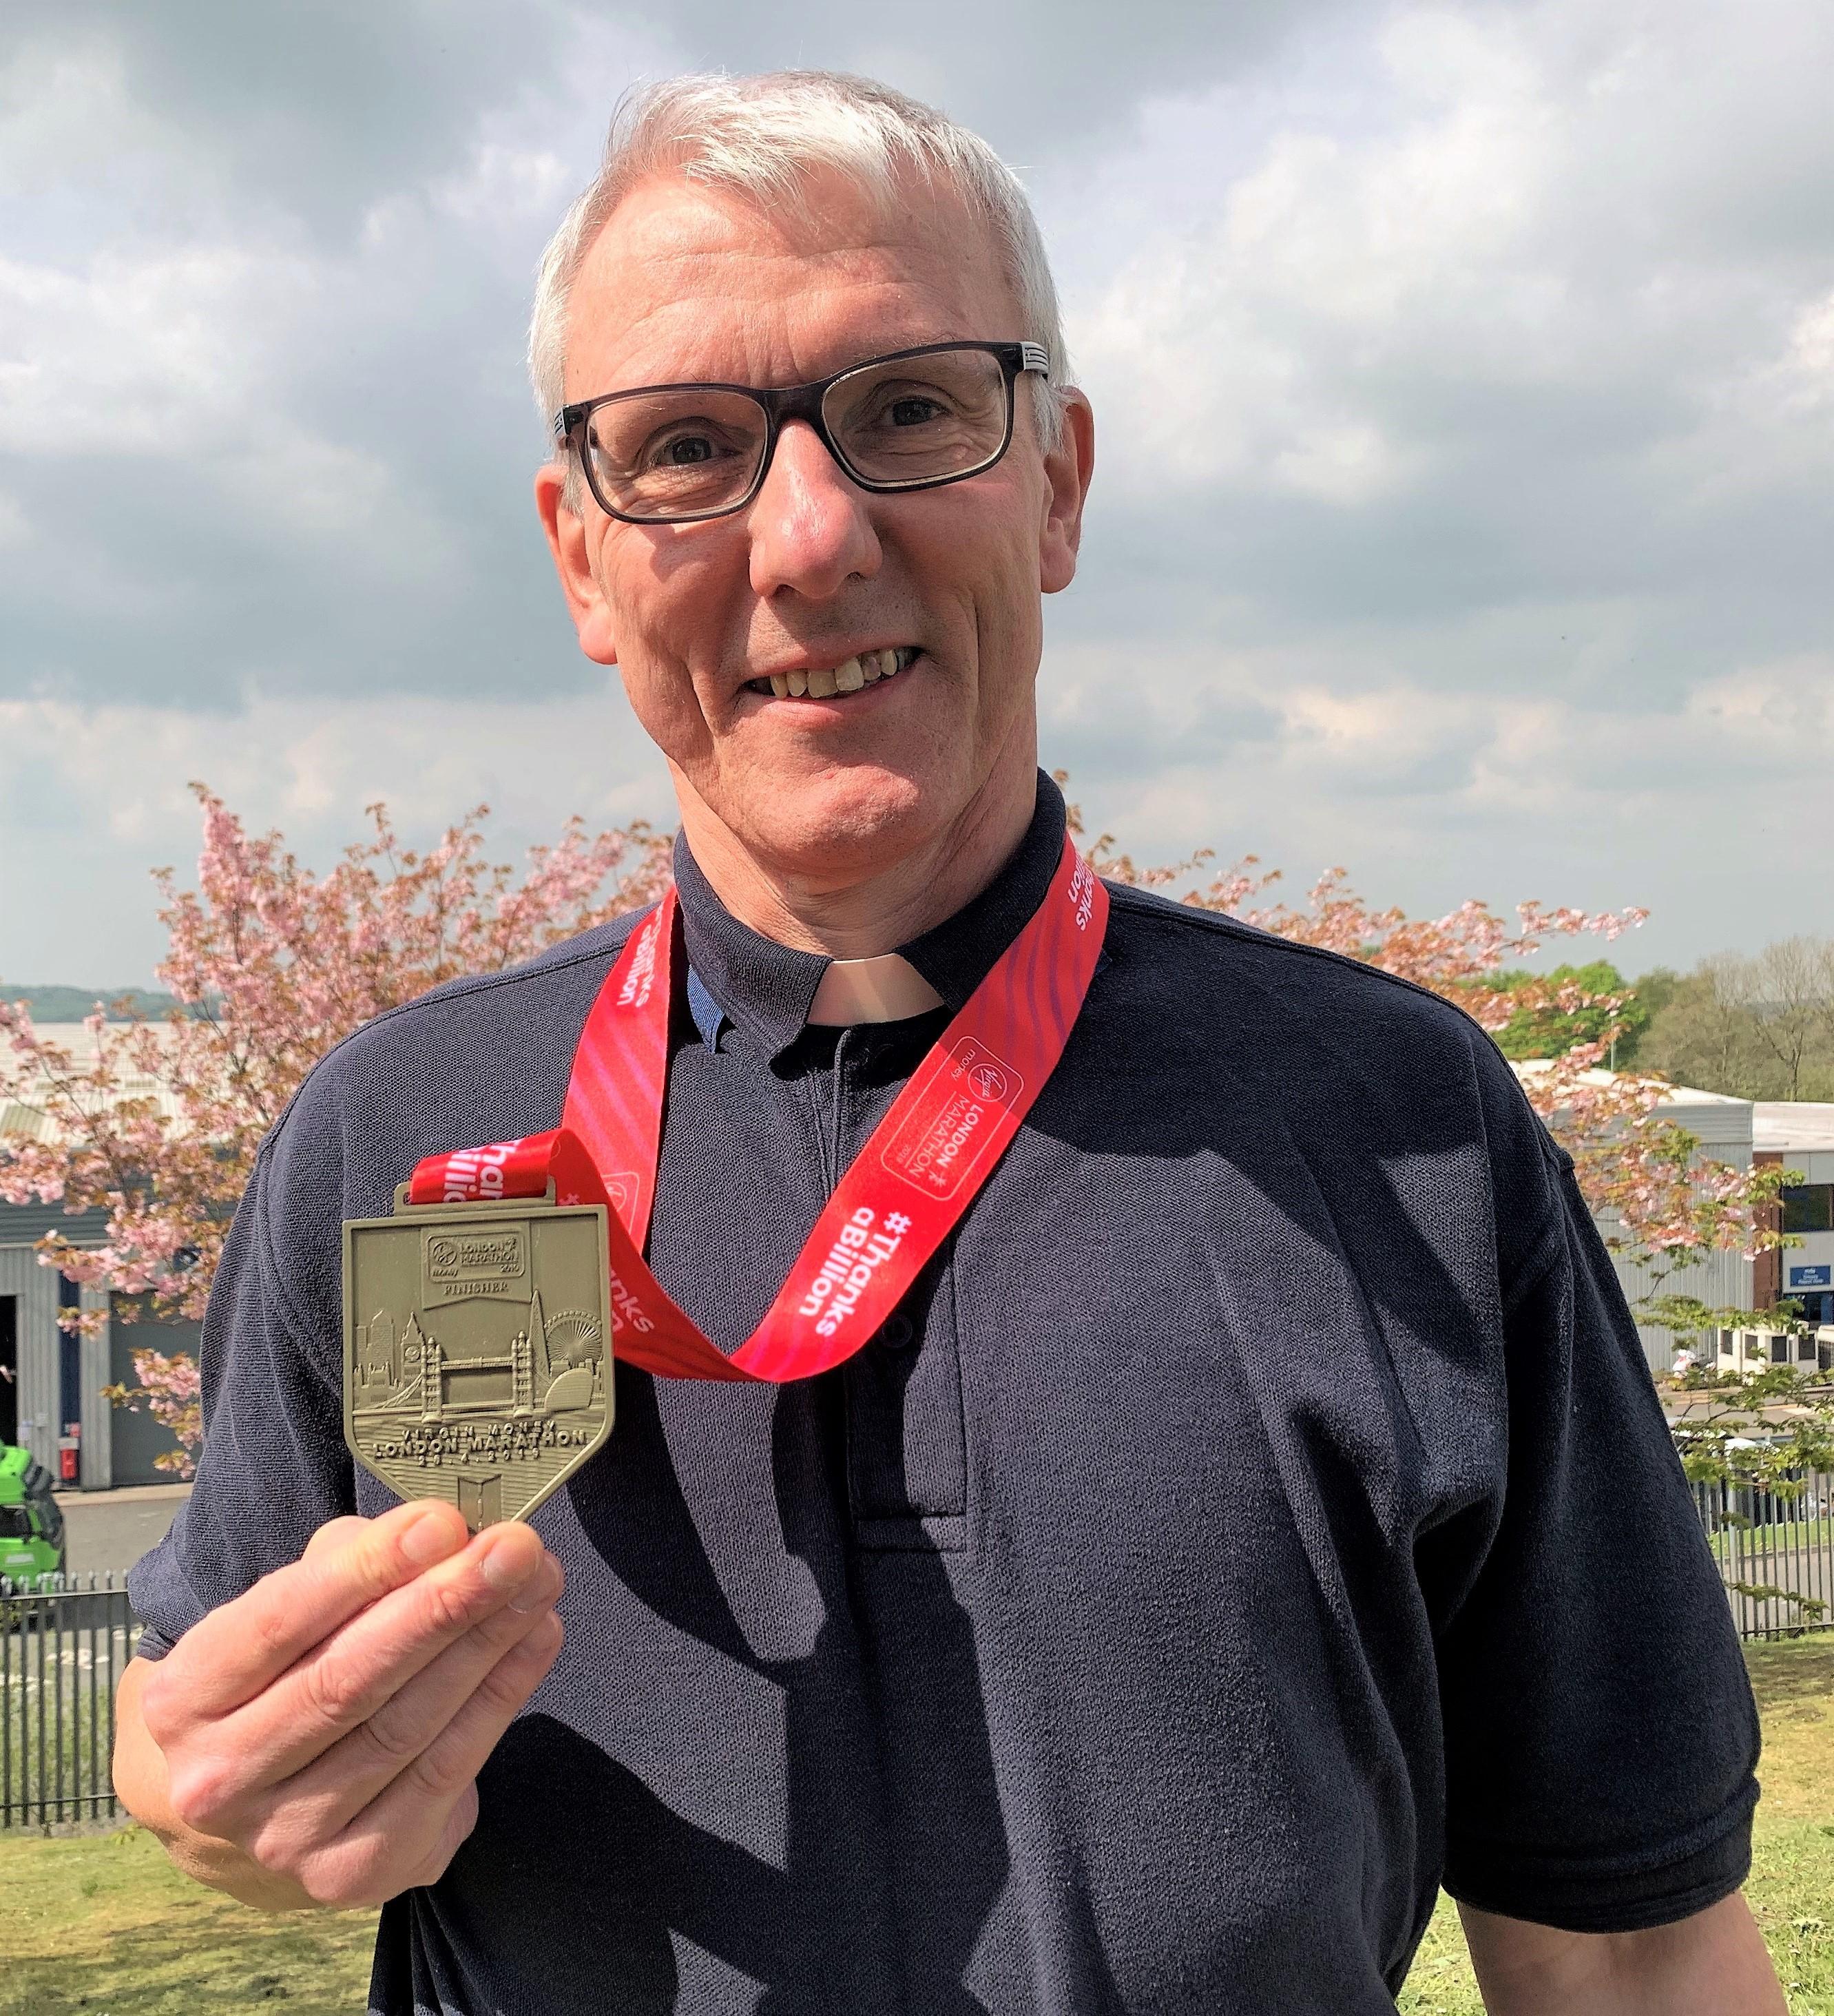 Marathon runner, Rev Ian Enticott, achieves his dream and raises